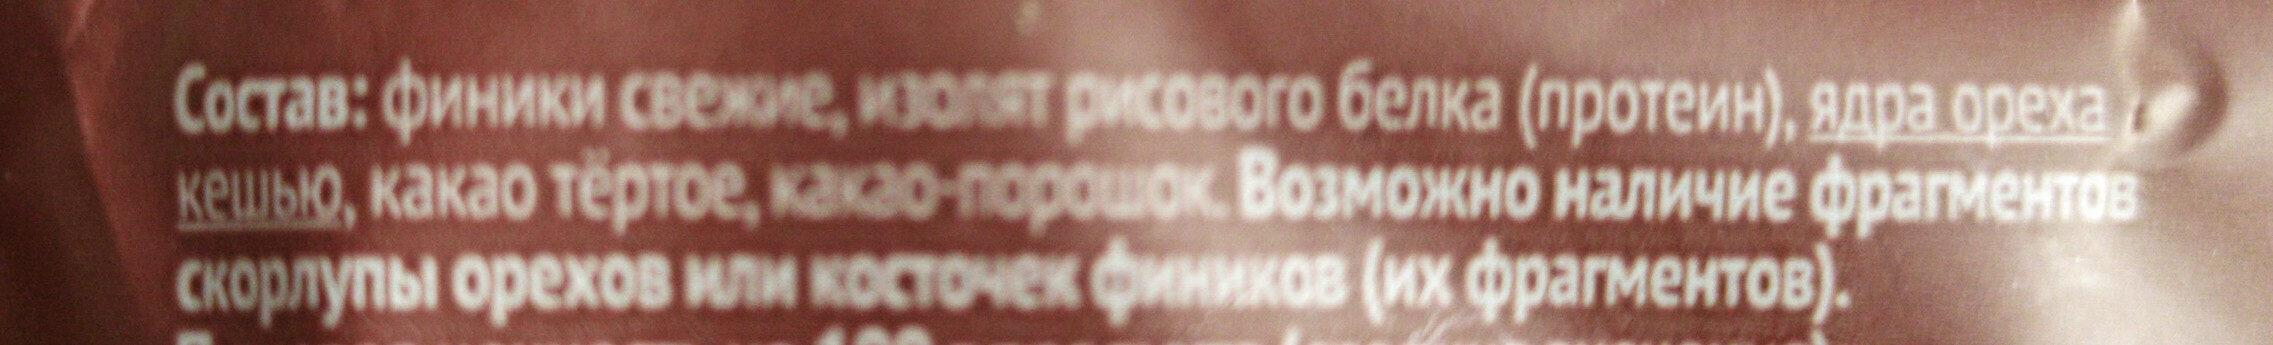 Фруктово-ореховый батончик Шоколад-протеин - Ingredients - ru